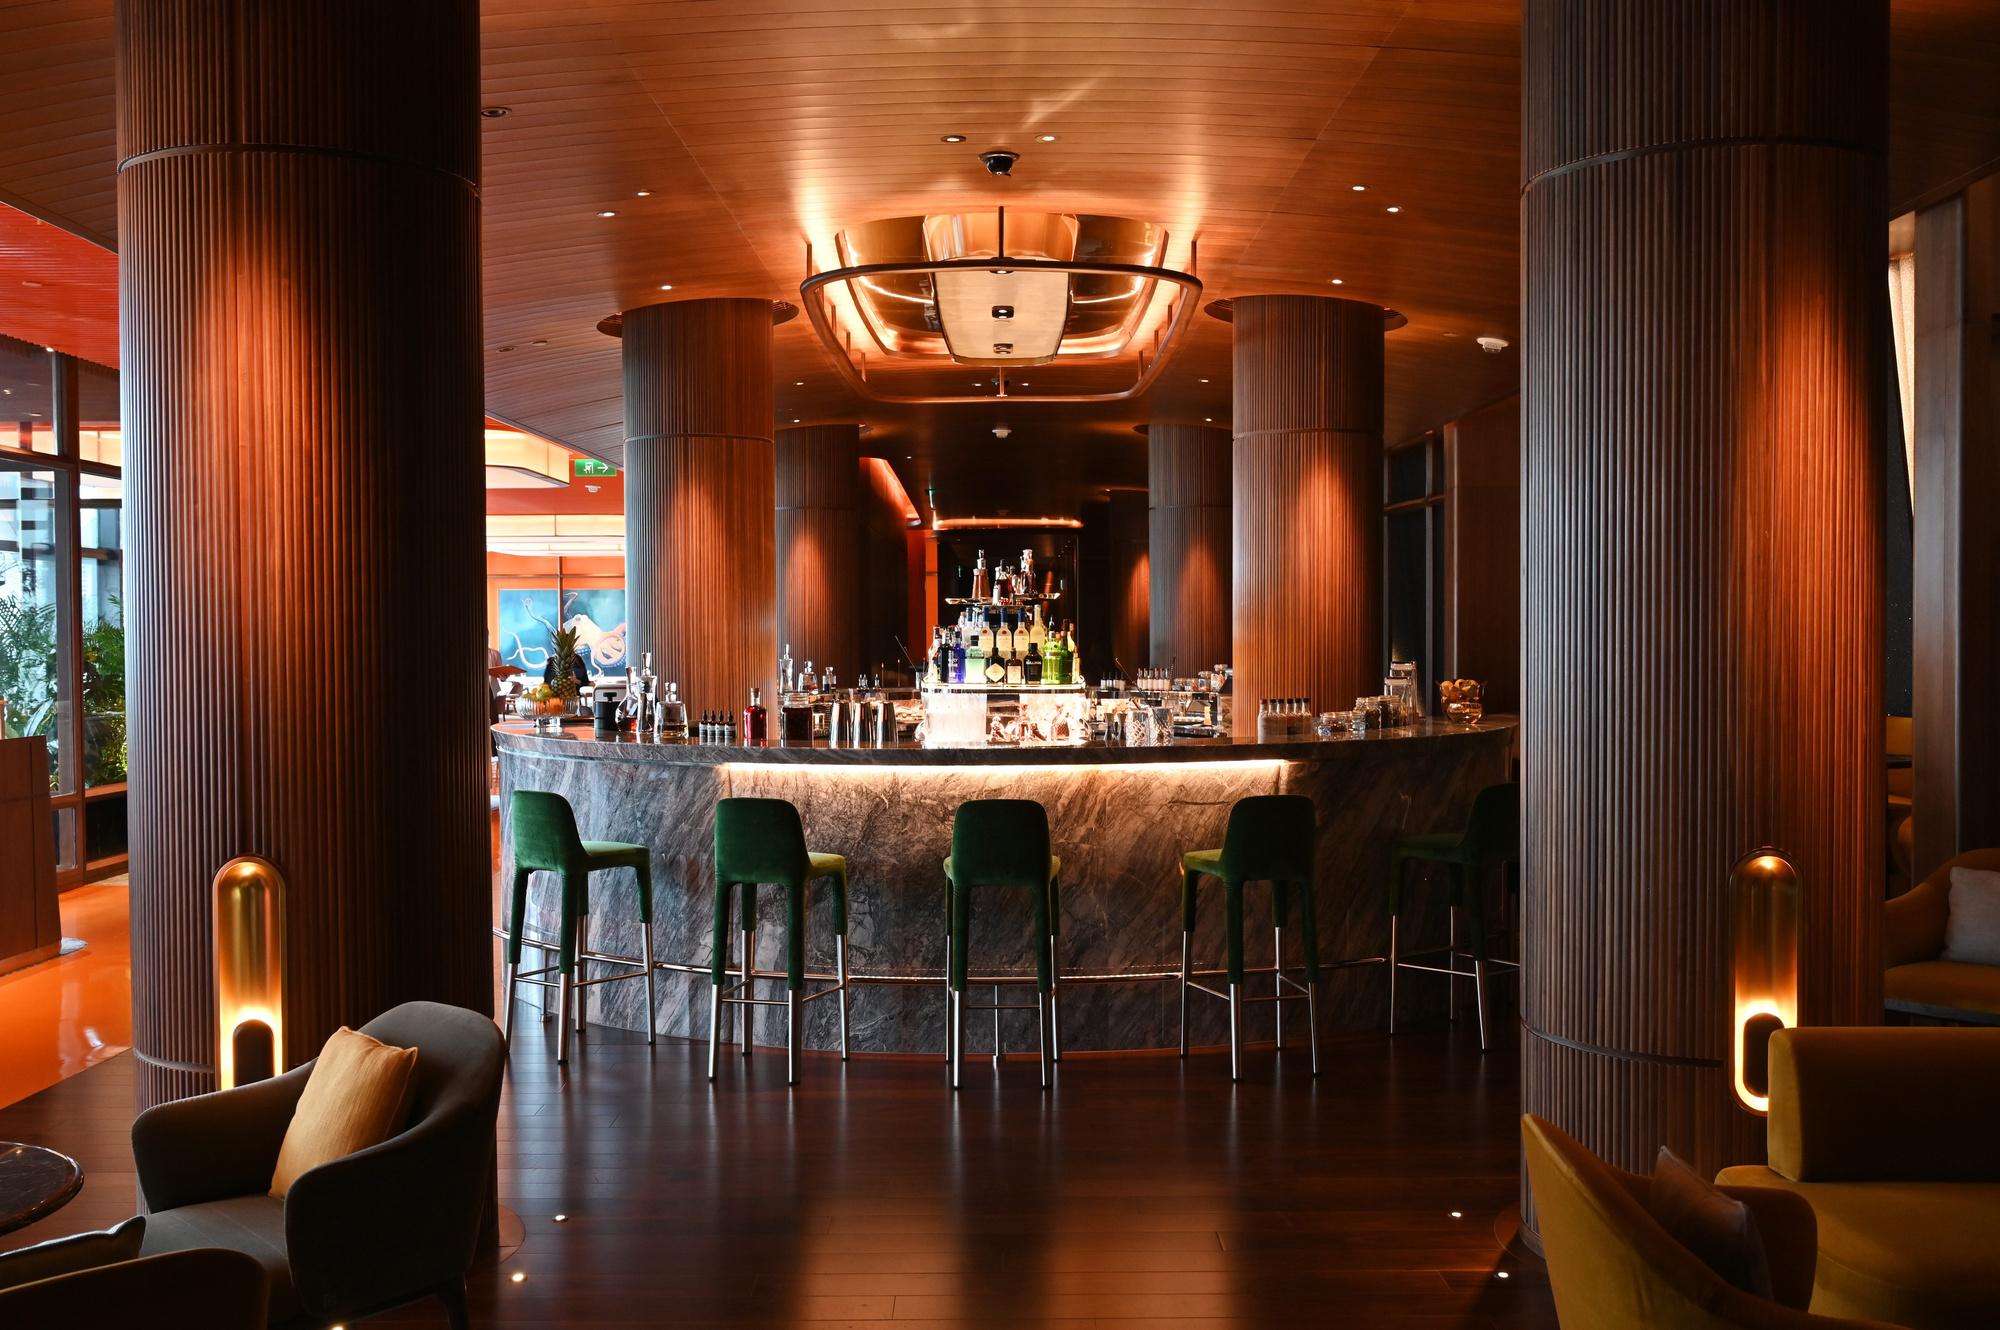 Restaurant d'Alain Ducasse au sein du Mopheus Hotel, à Macao, AFP